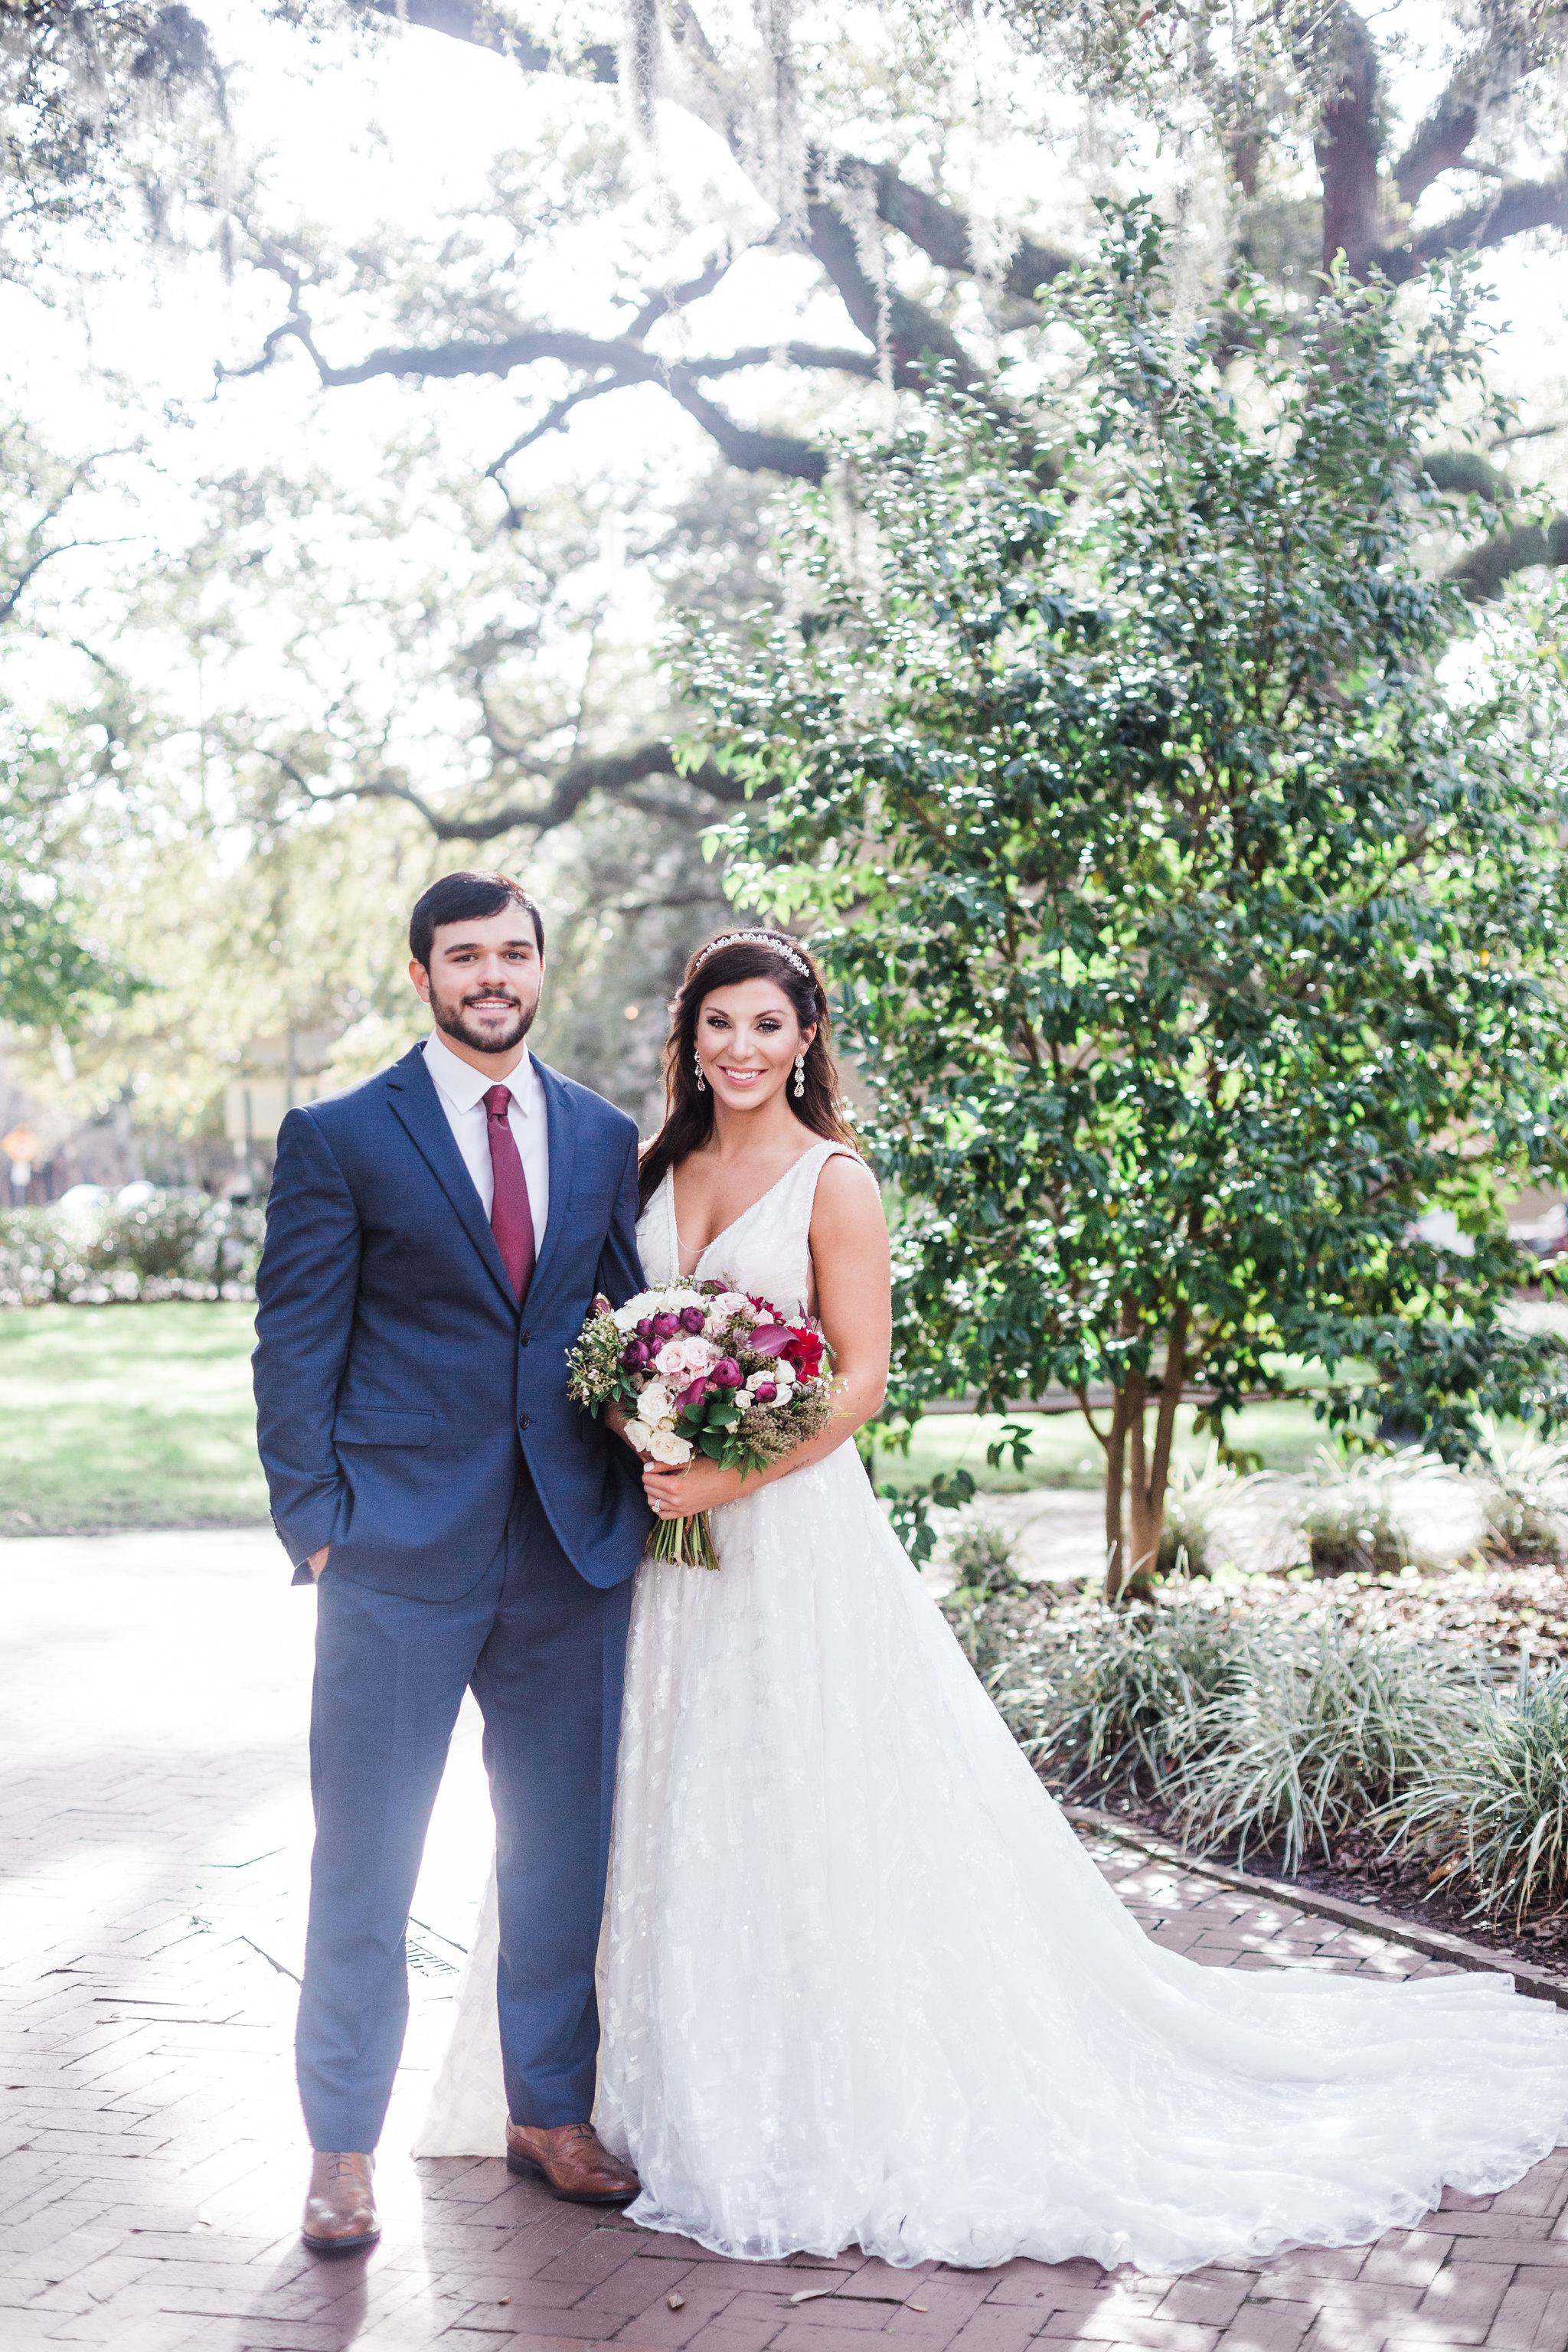 apt-b-photography-lindsey-shawn-Savannah-wedding-photographer-savannah-elopement-photographer-historic-savannah-elopement-savannah-weddings-hilton-head-wedding-photographer-jekyll-island-wedding-photographer-24.jpg